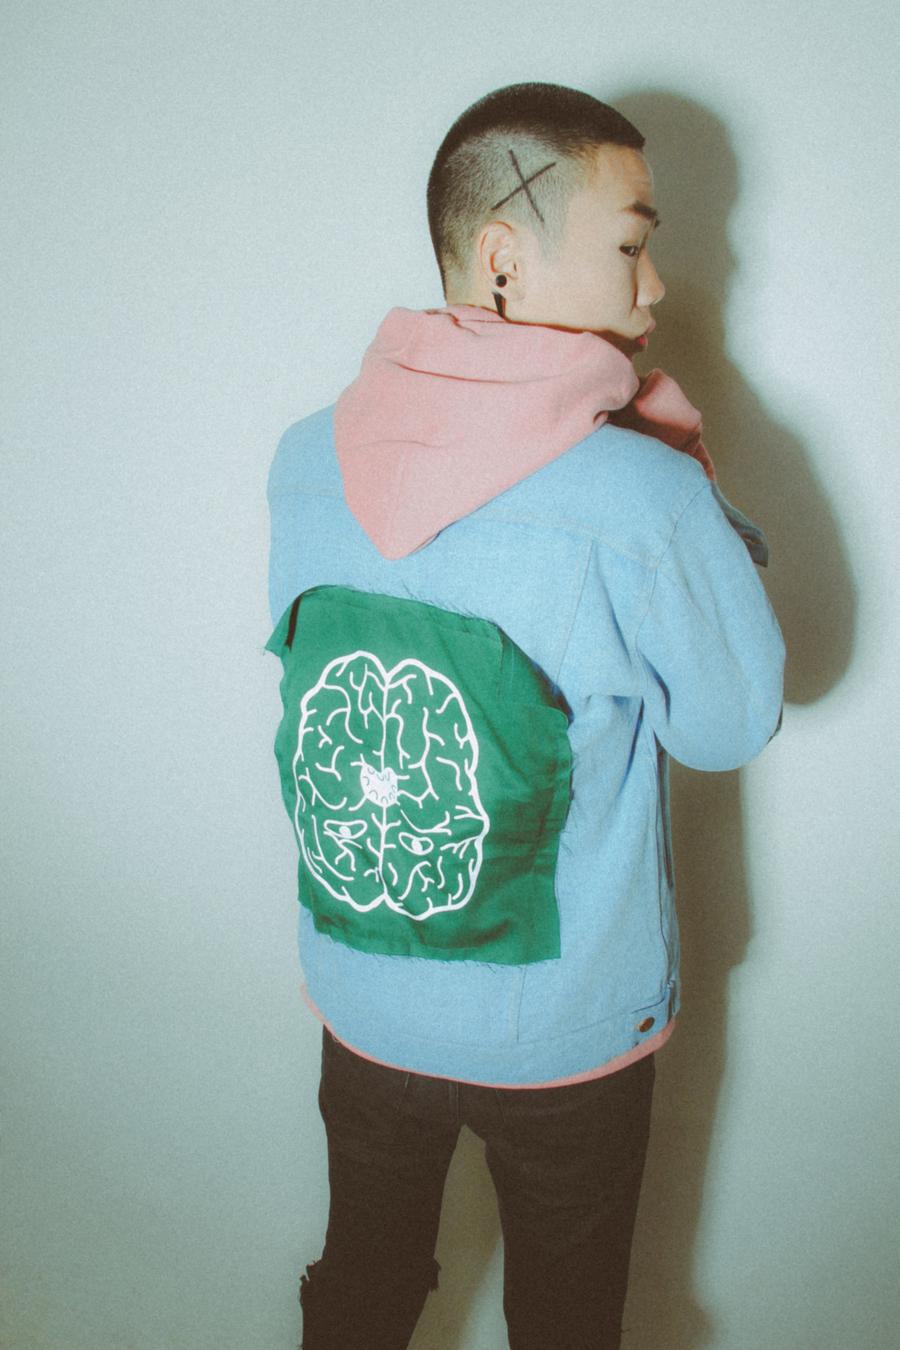 SBNL Clothing Mixes Art And Fashion